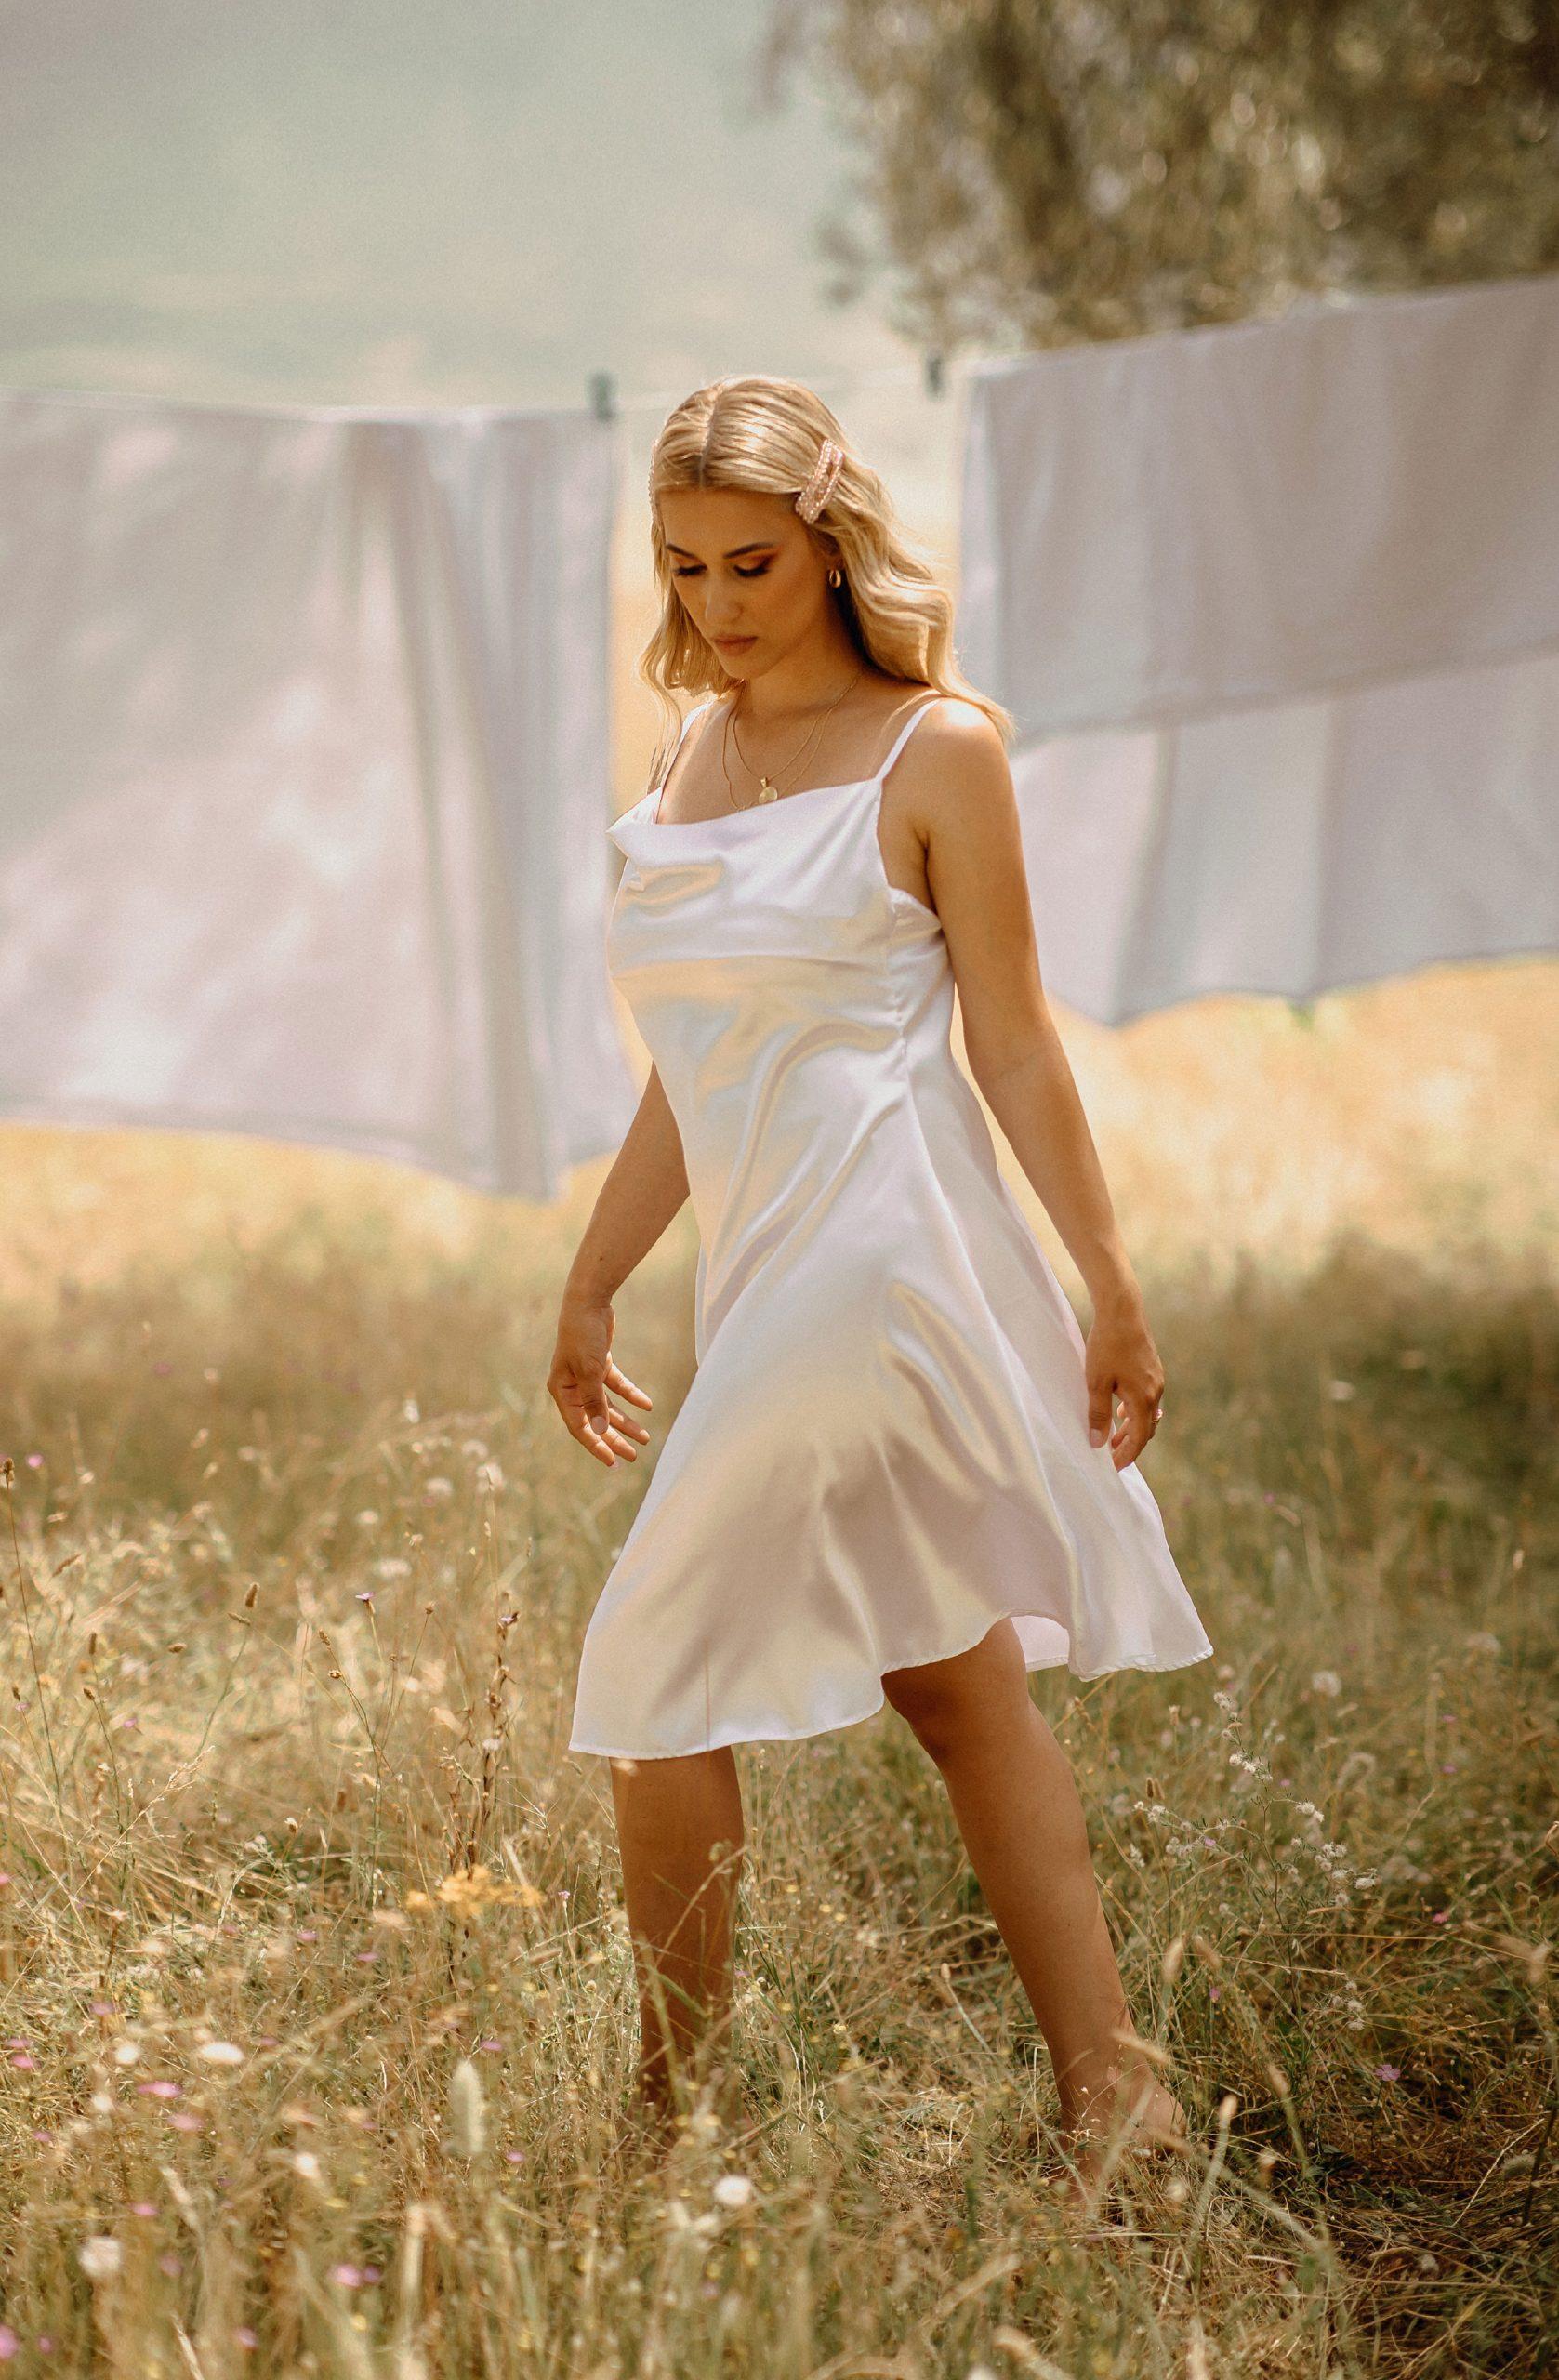 Girl walking in the field wearing a white dress